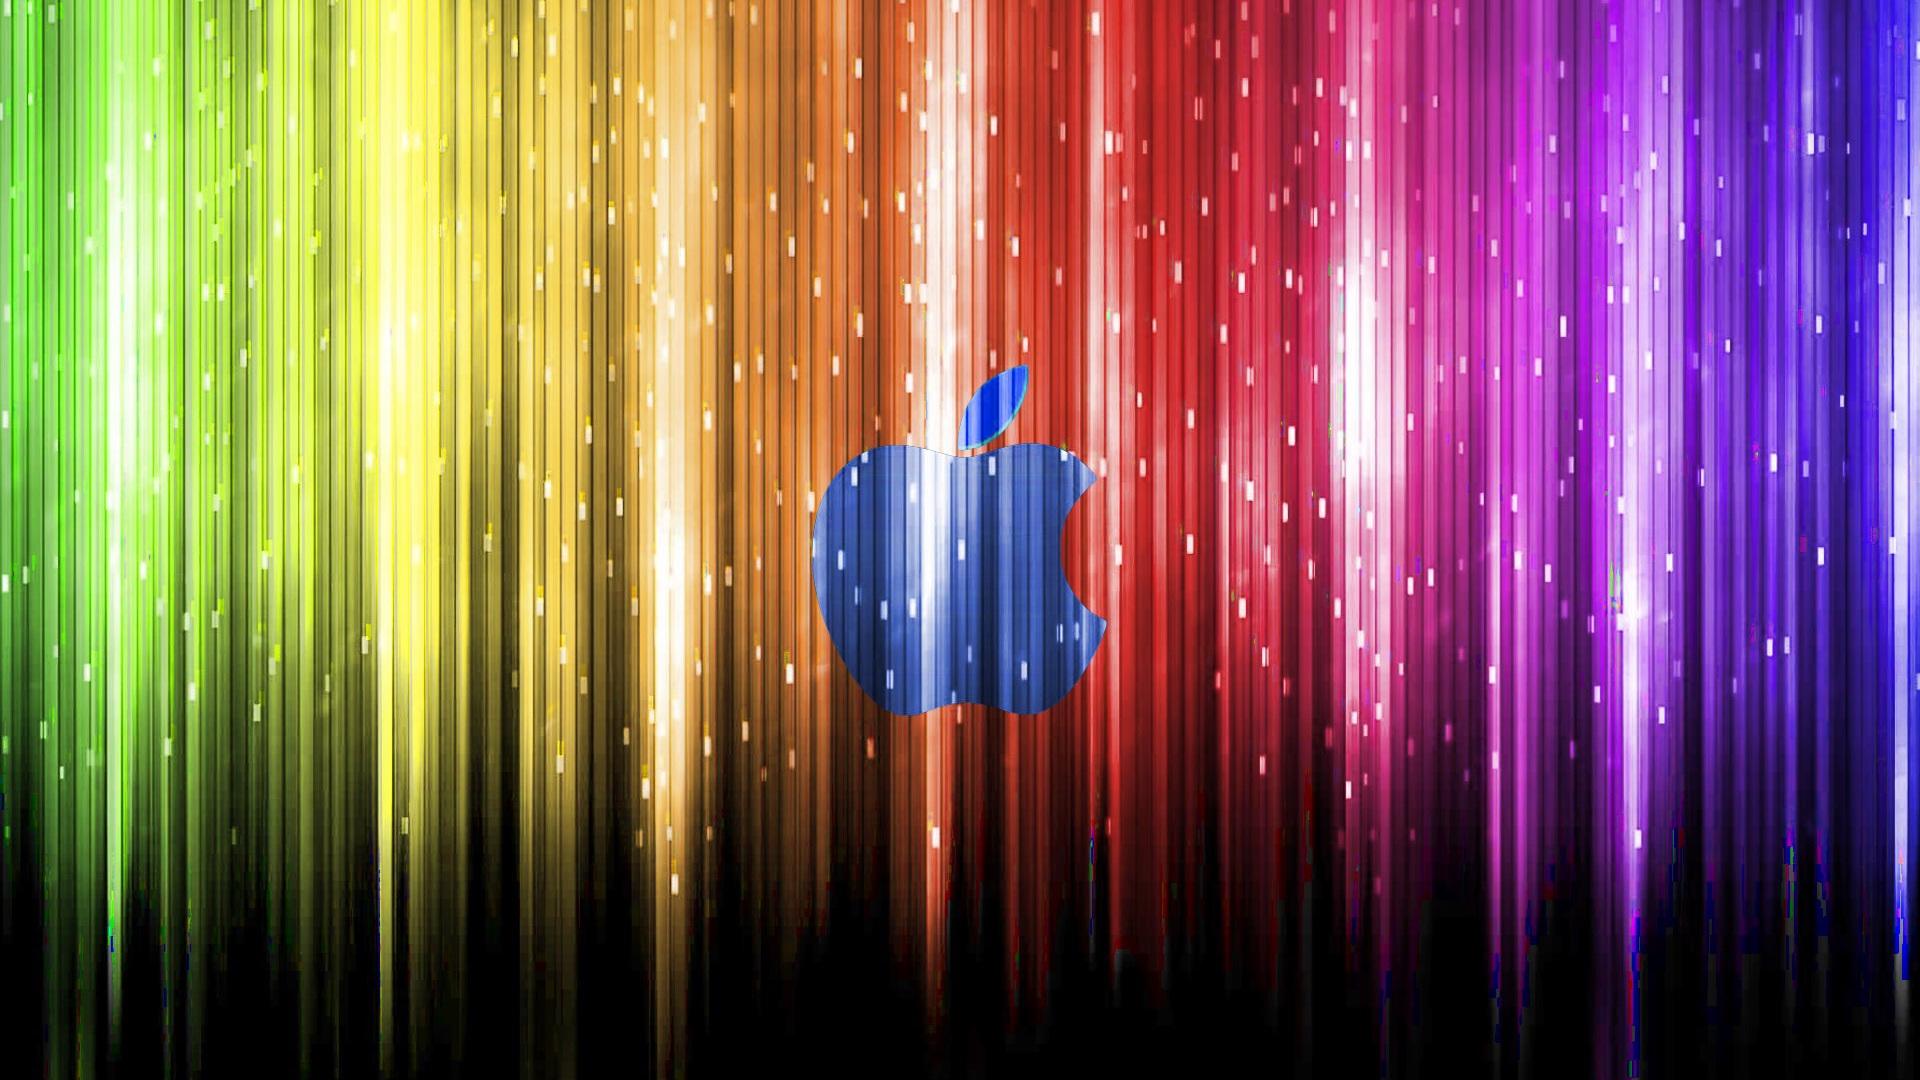 炫彩光束下的蓝苹果 壁纸 - 1920x1080